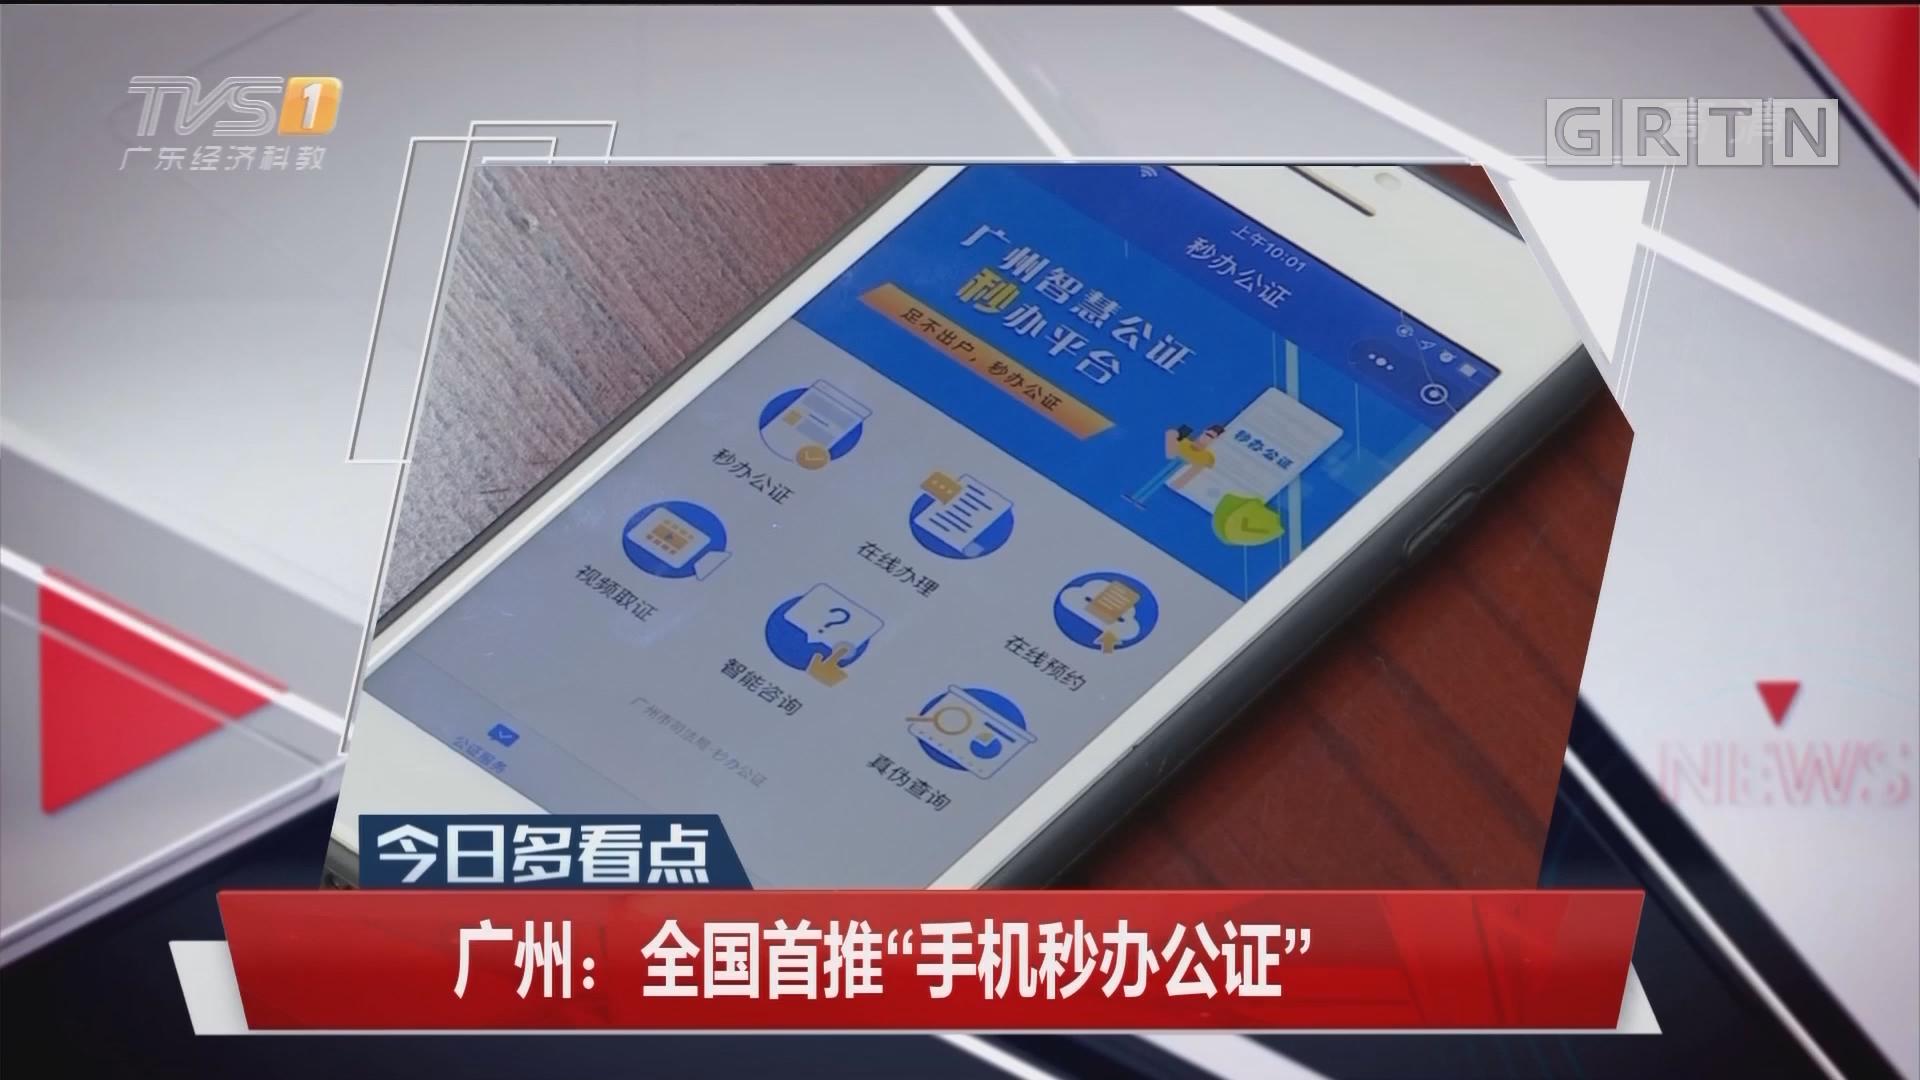 """广州:全国首推""""手机秒办公证"""""""